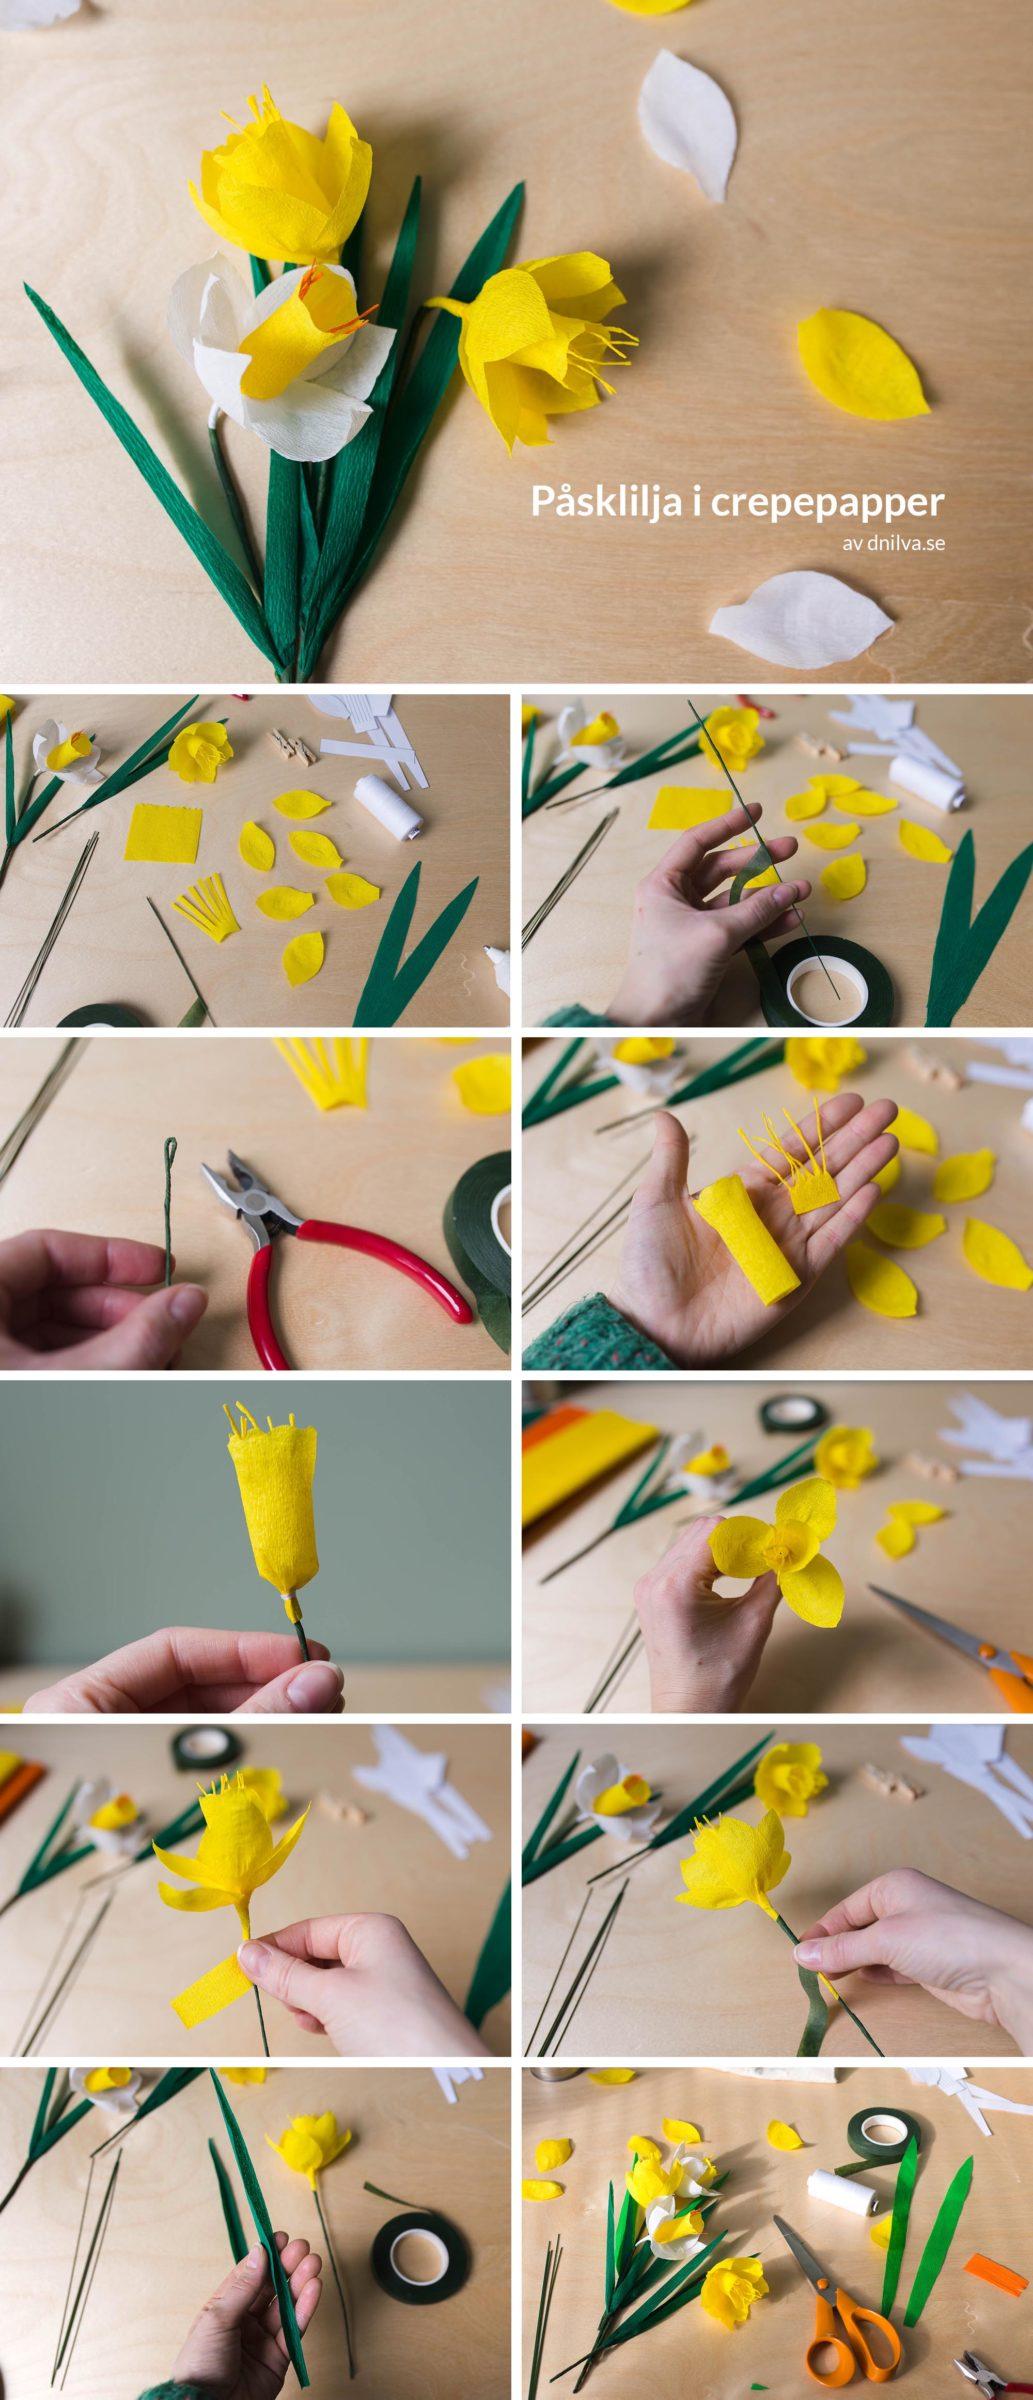 Steg för steg beskrivning- Påsklilja i crepepapper